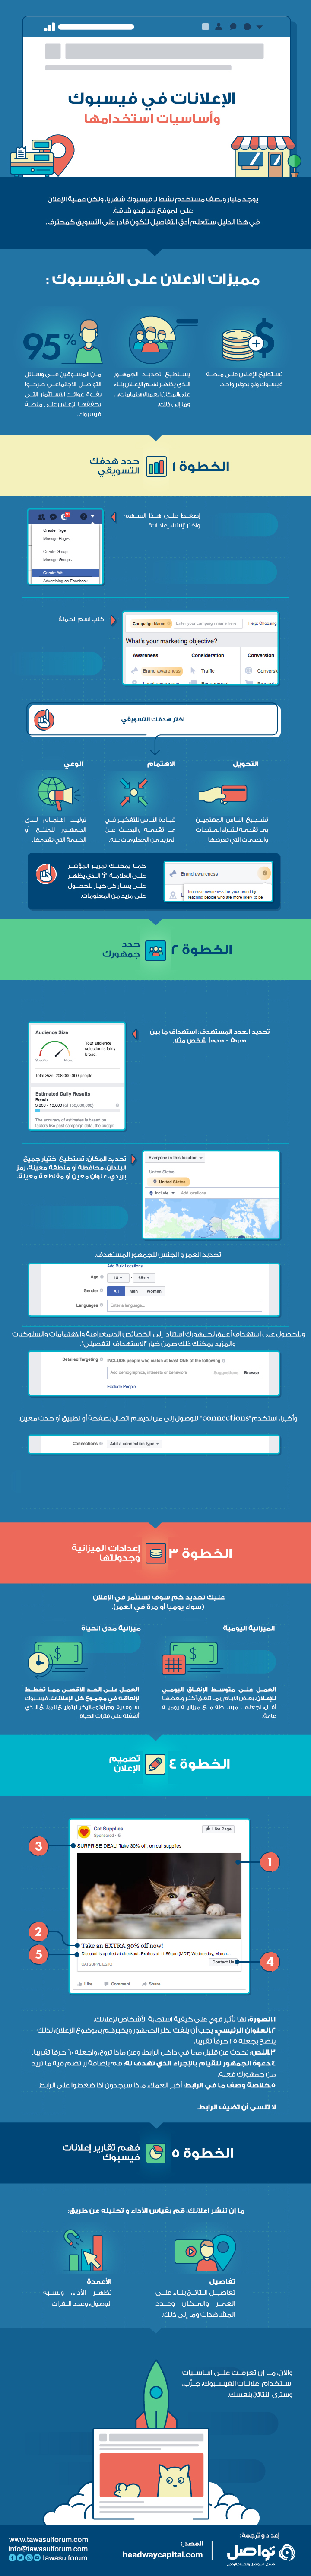 الإعلانات في فيسبوك وأساسيات استخدامها (انفوجرافيك)